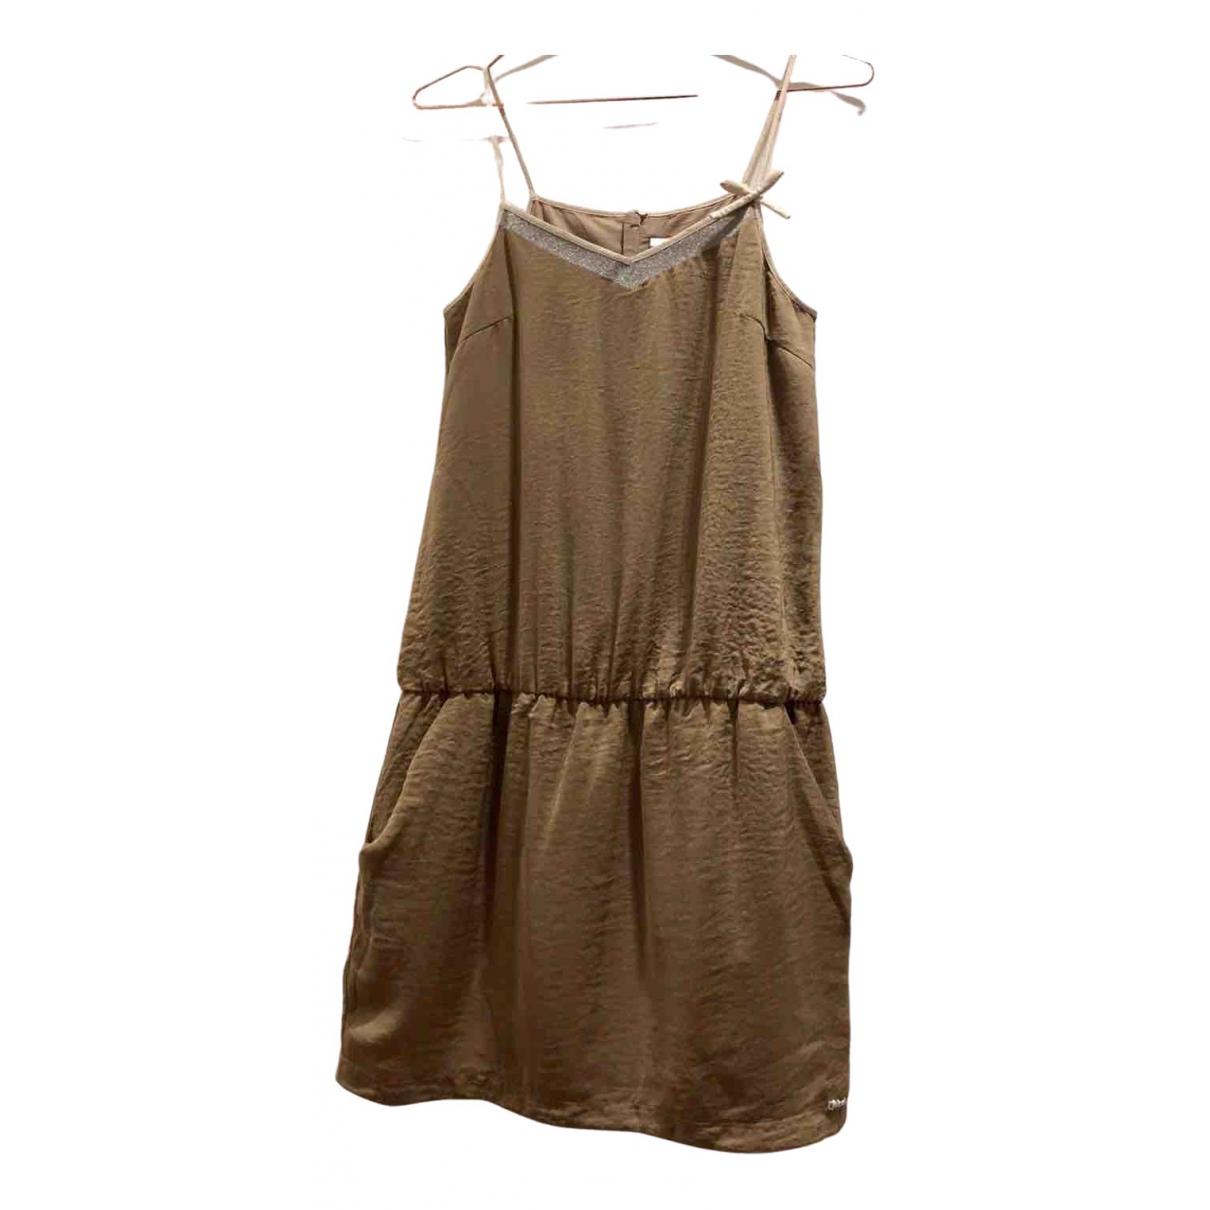 Chloe \N Kleid in  Khaki Viskose